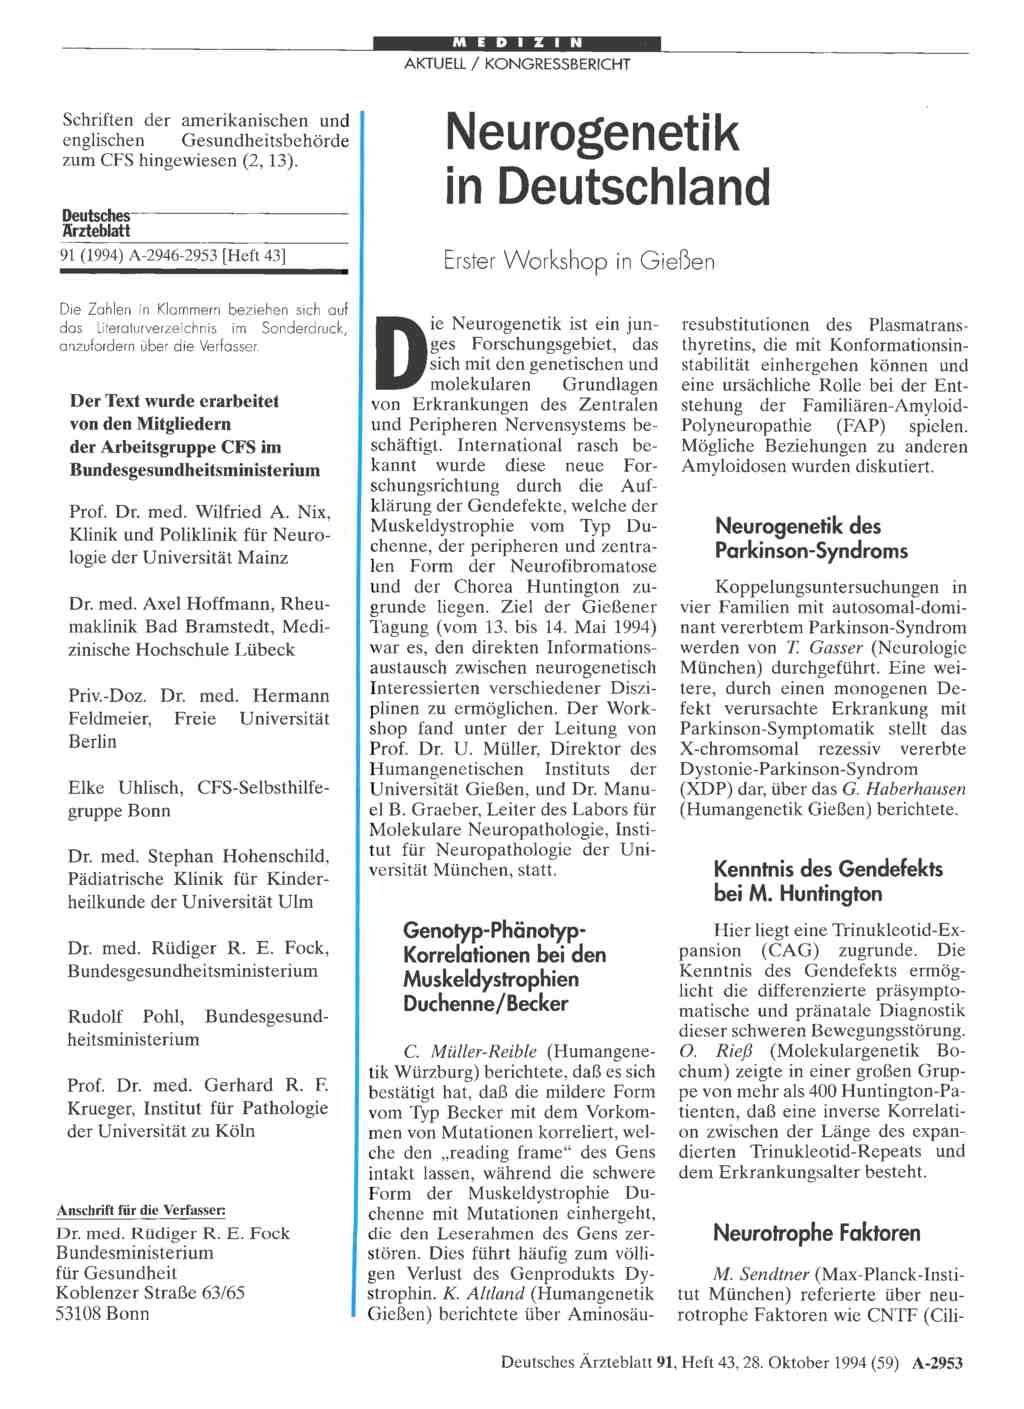 Deutsches Ärzteblatt: Archiv Treffer